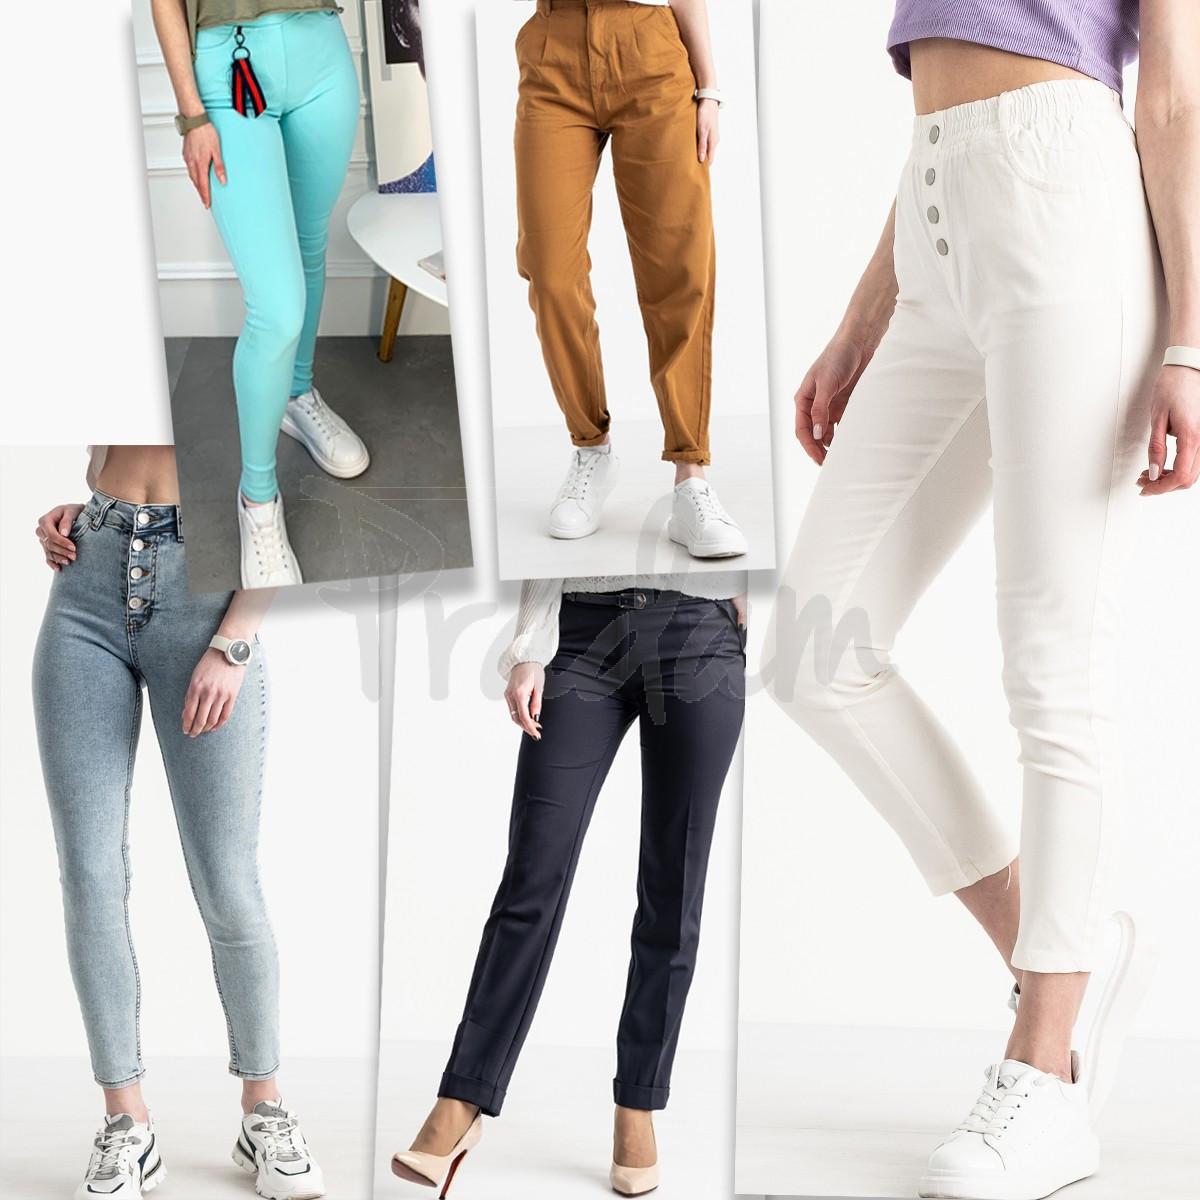 10063 микс женской одежды с дефектами (5 ед.)